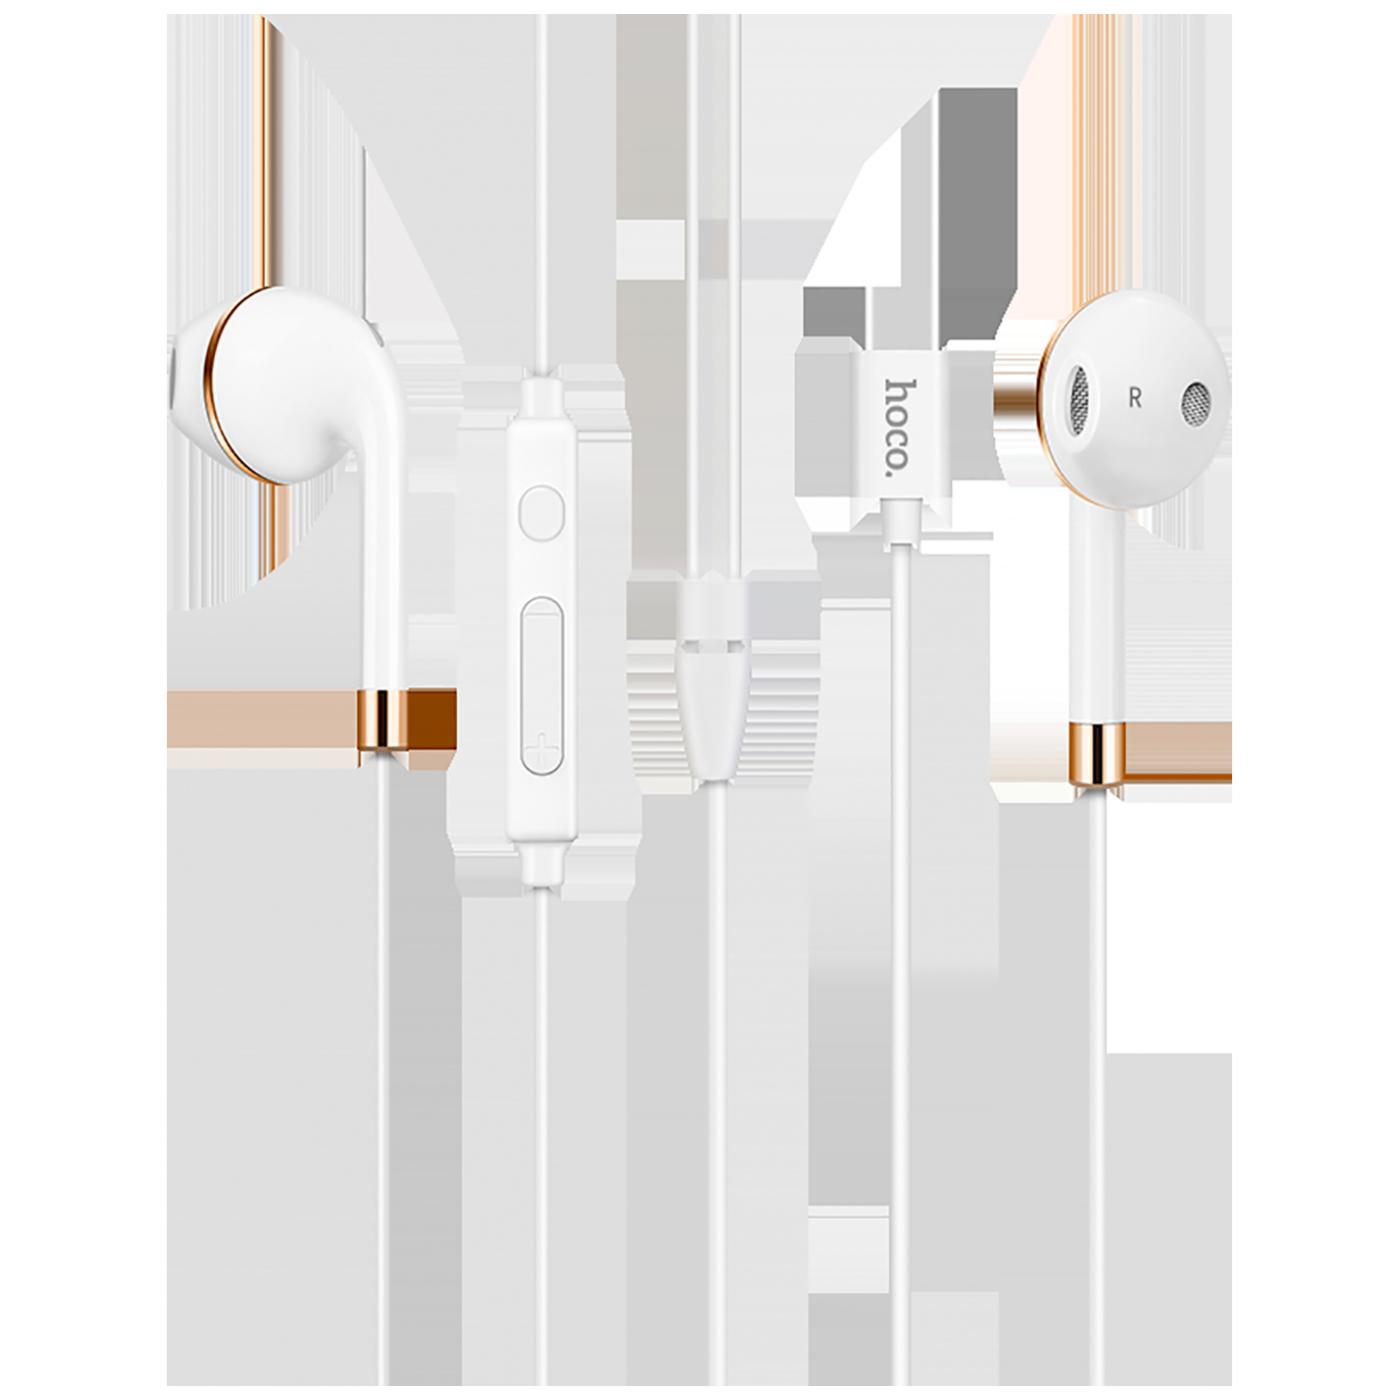 L8 type C earphones